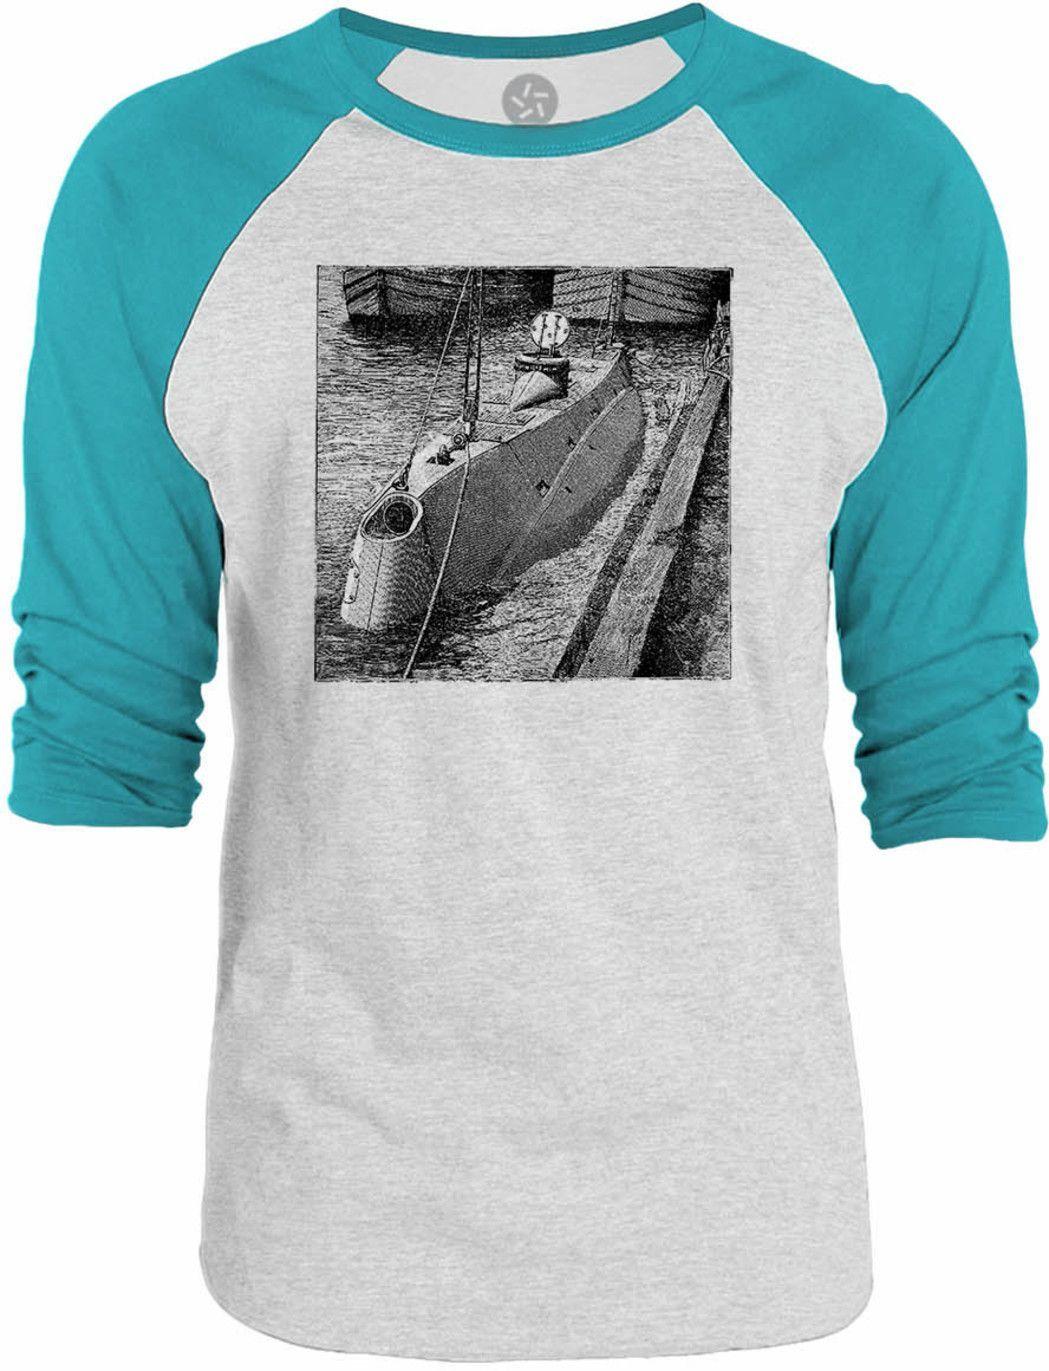 Big Texas Old Submarine 3/4-Sleeve Raglan Baseball T-Shirt